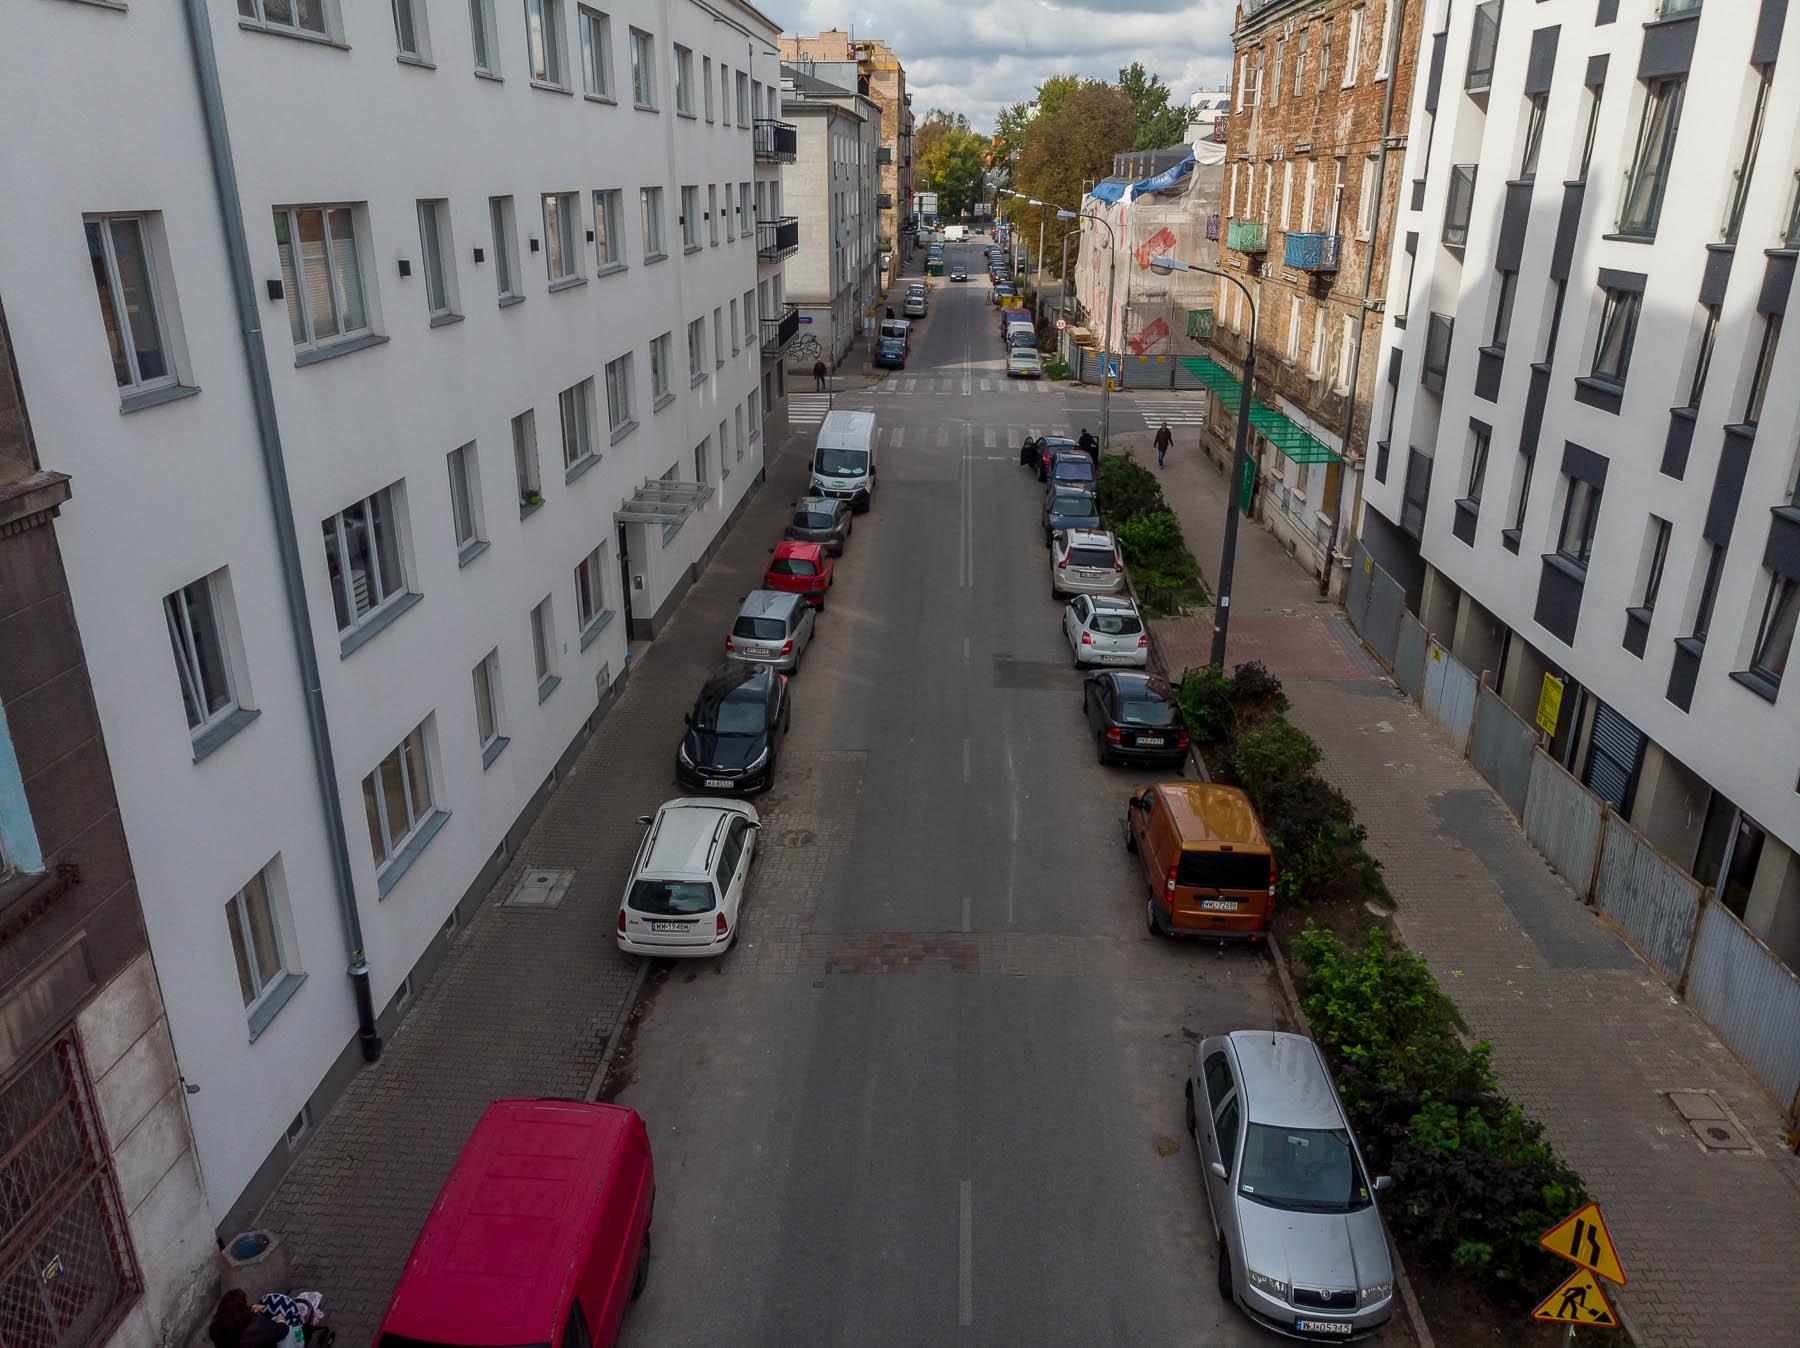 Ulica Środkowa / nowy warszawski woonerf